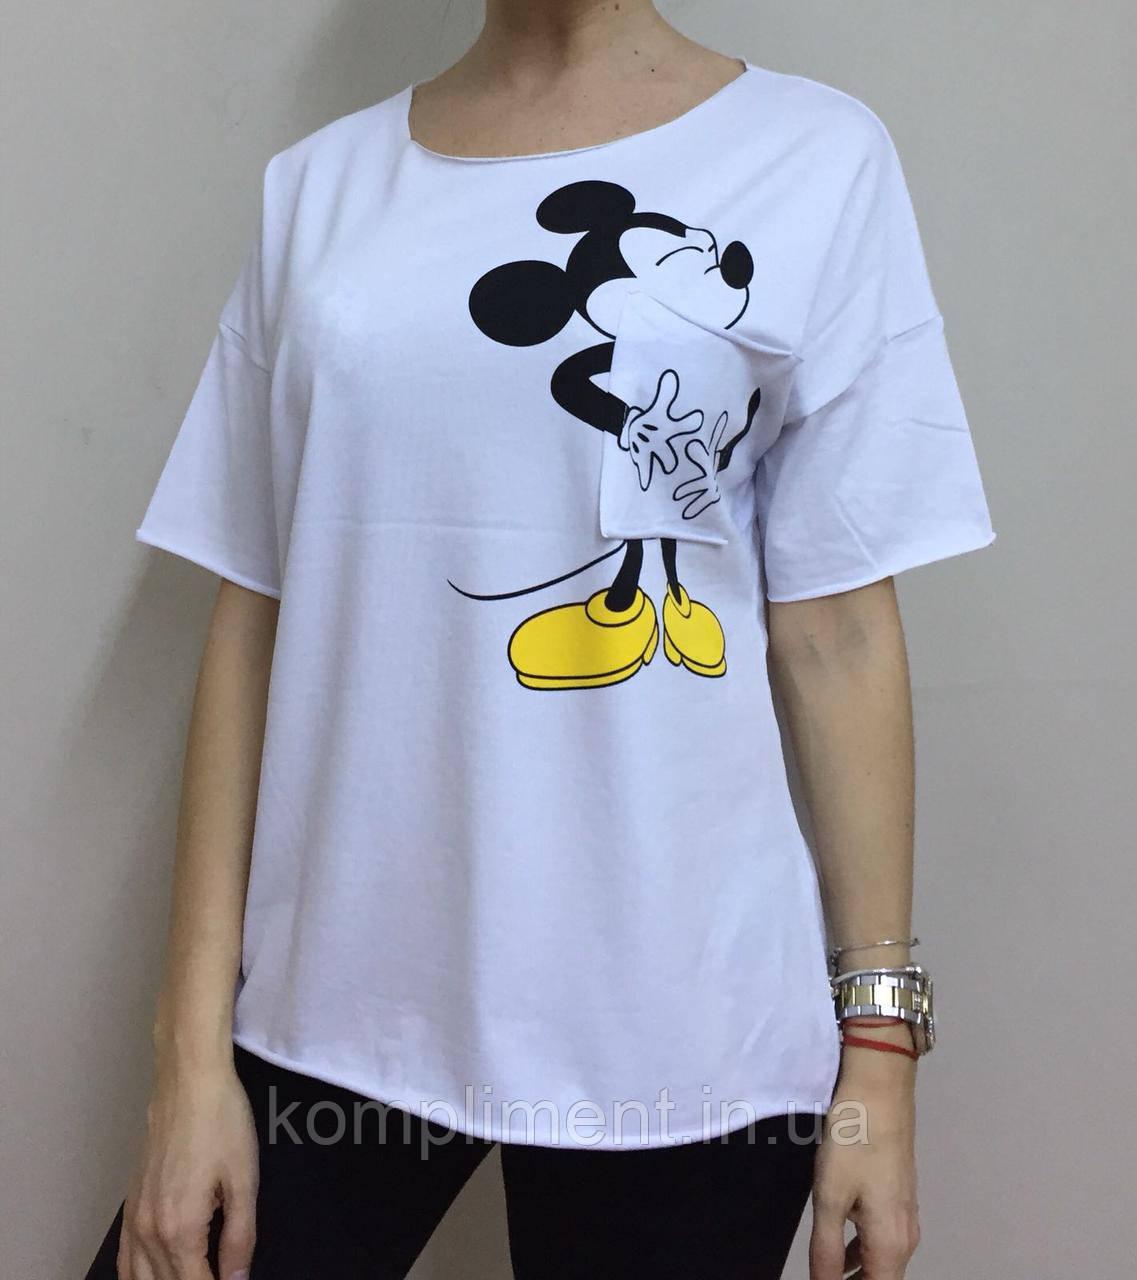 Летняя женская турецкая футболка с веселым мышонком белая